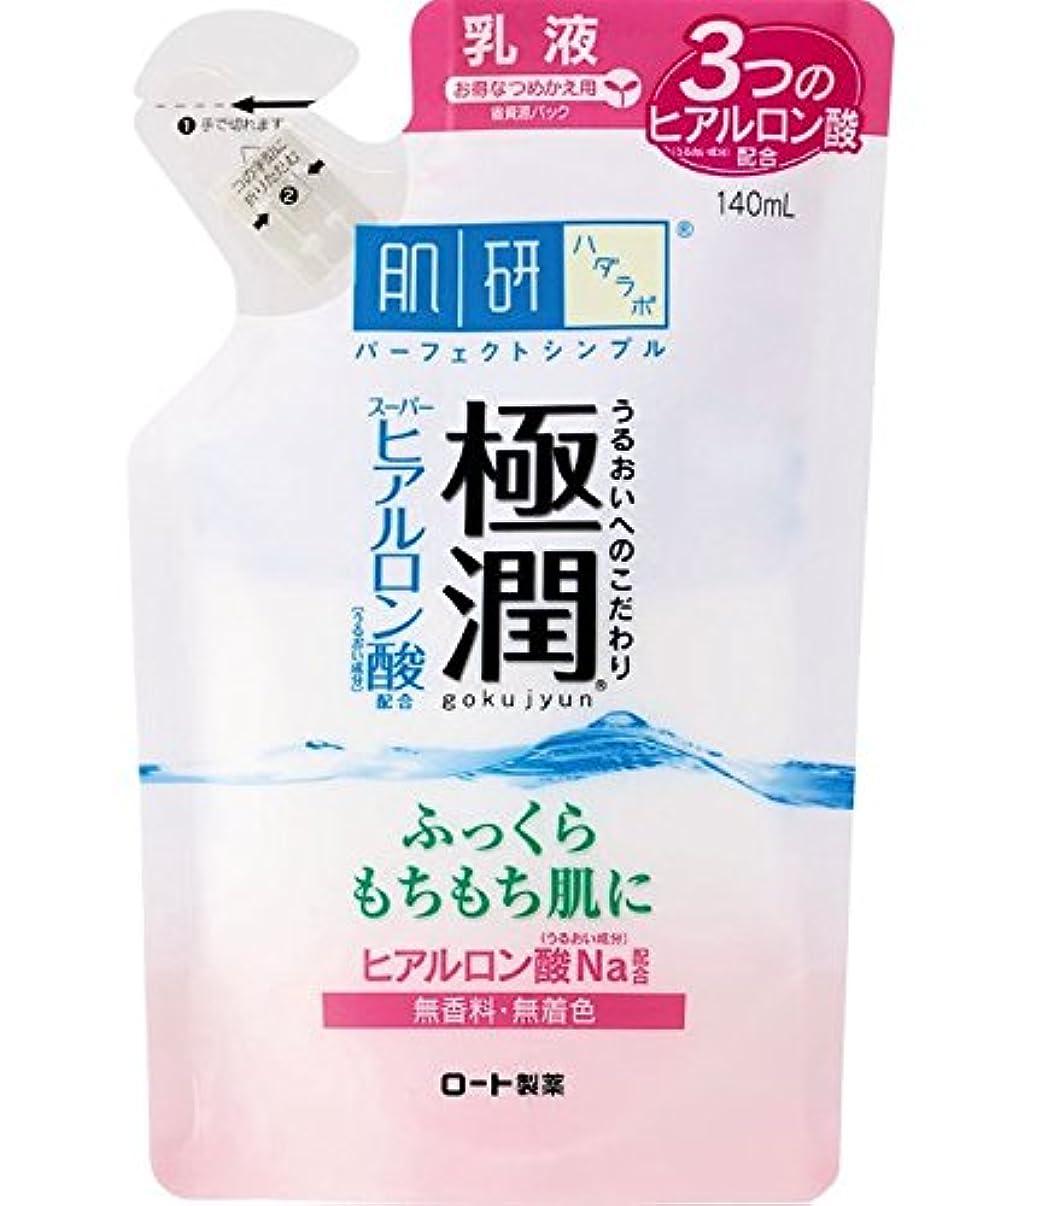 肌研 極潤 ヒアルロン乳液 つめかえ用 140mL